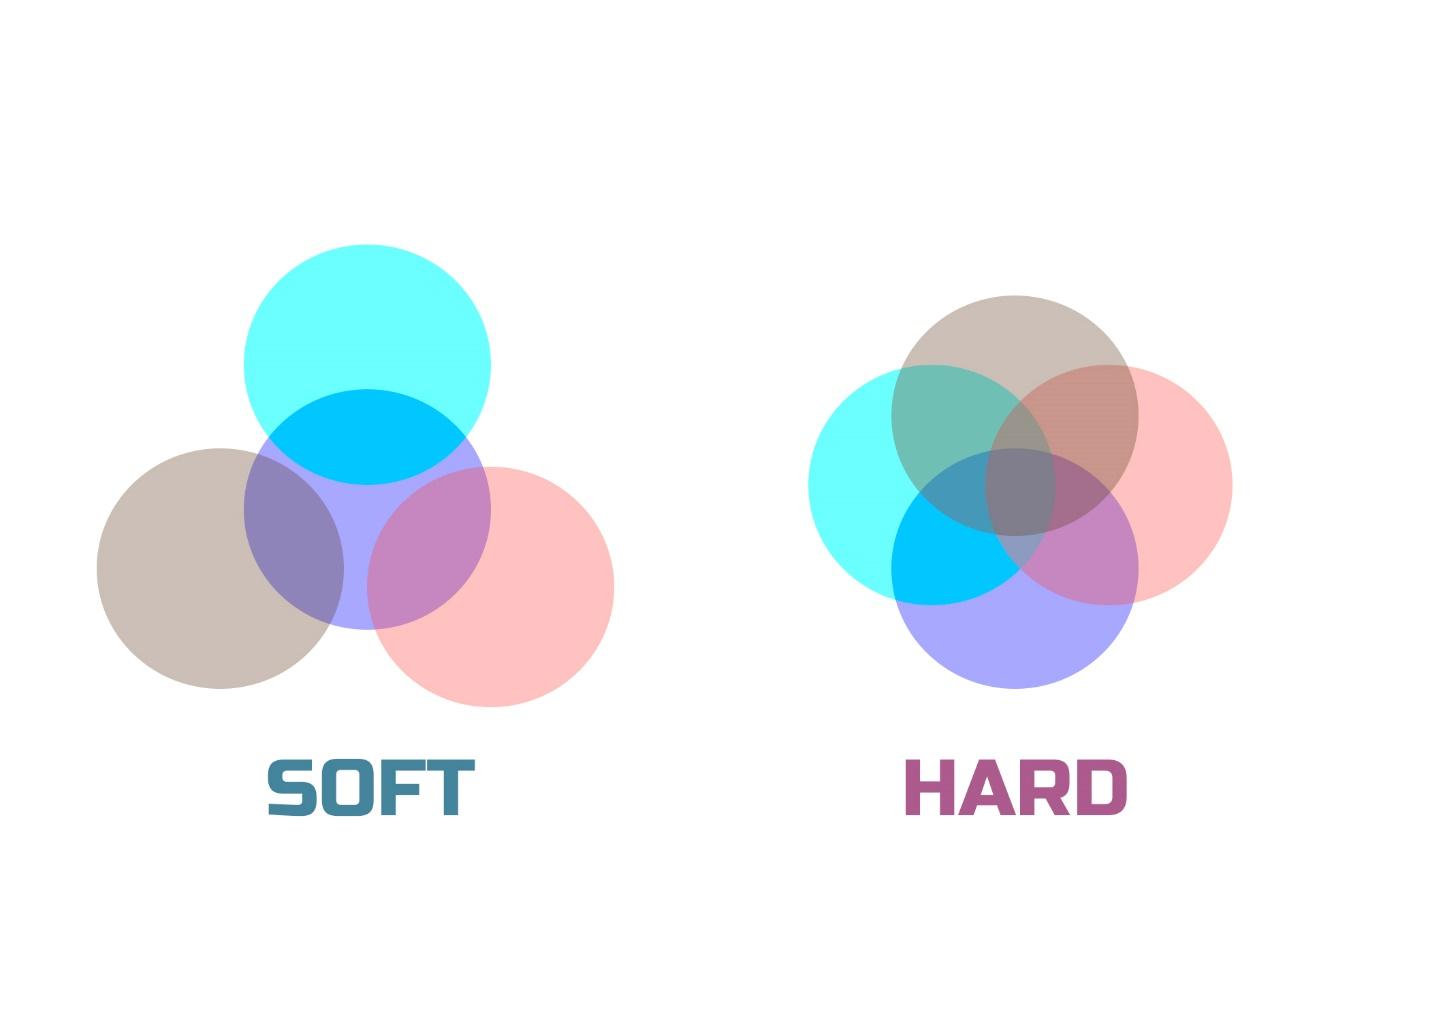 картинка, виды кластеризации